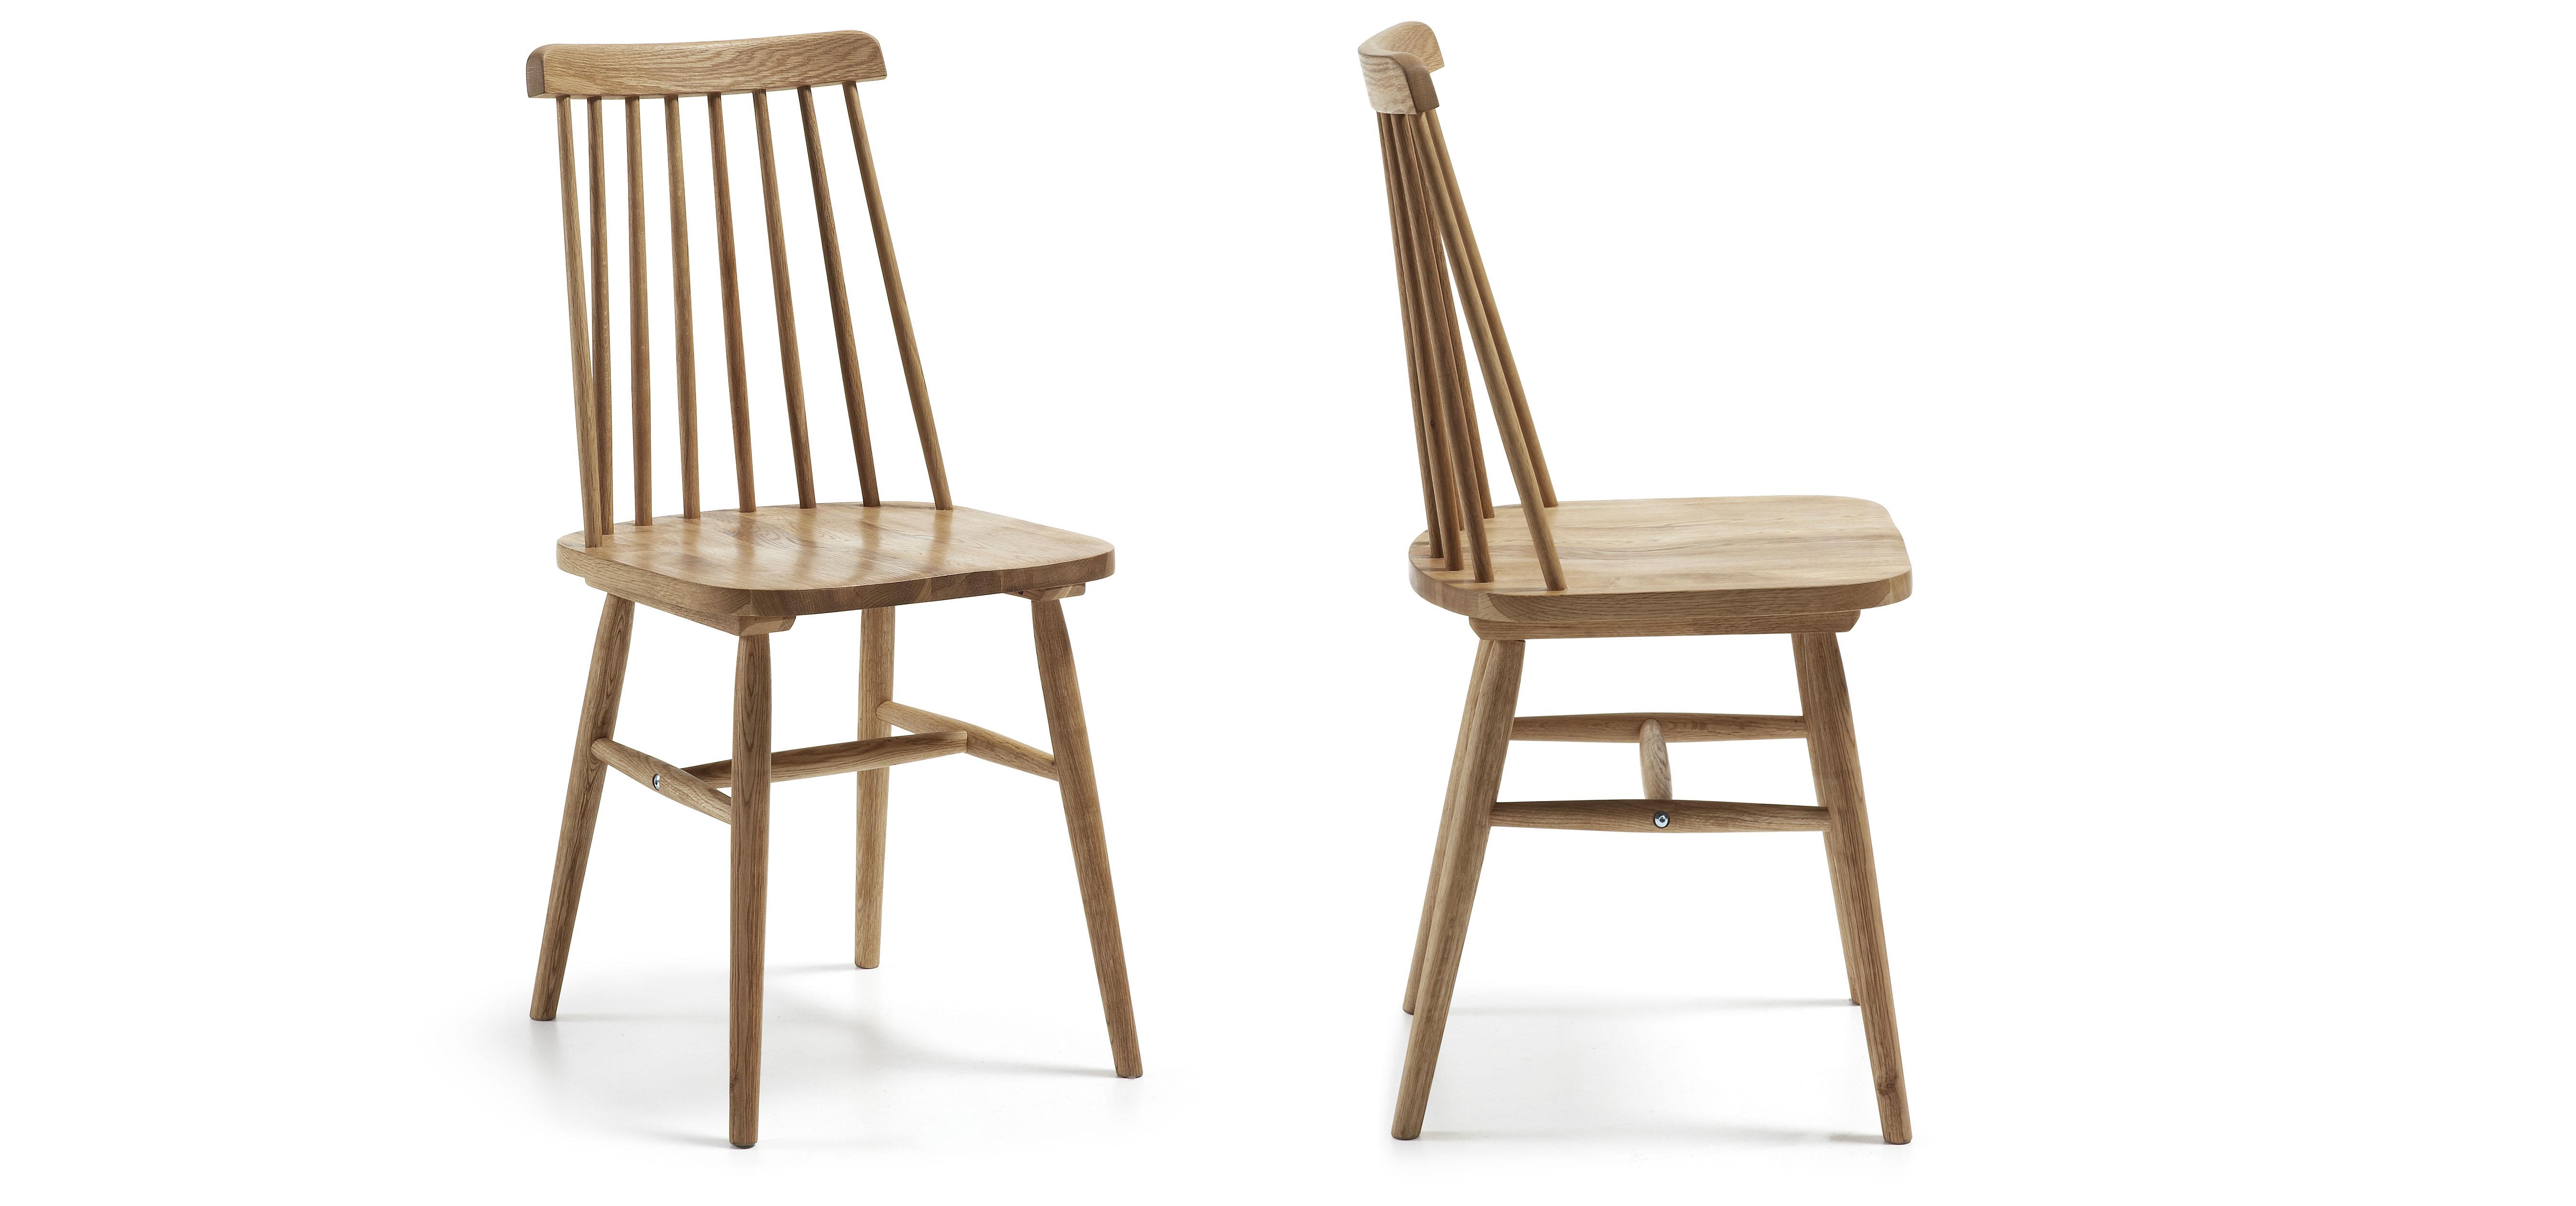 Silla vintage madera materiales de construcci n para la - Sillas vintage madera ...